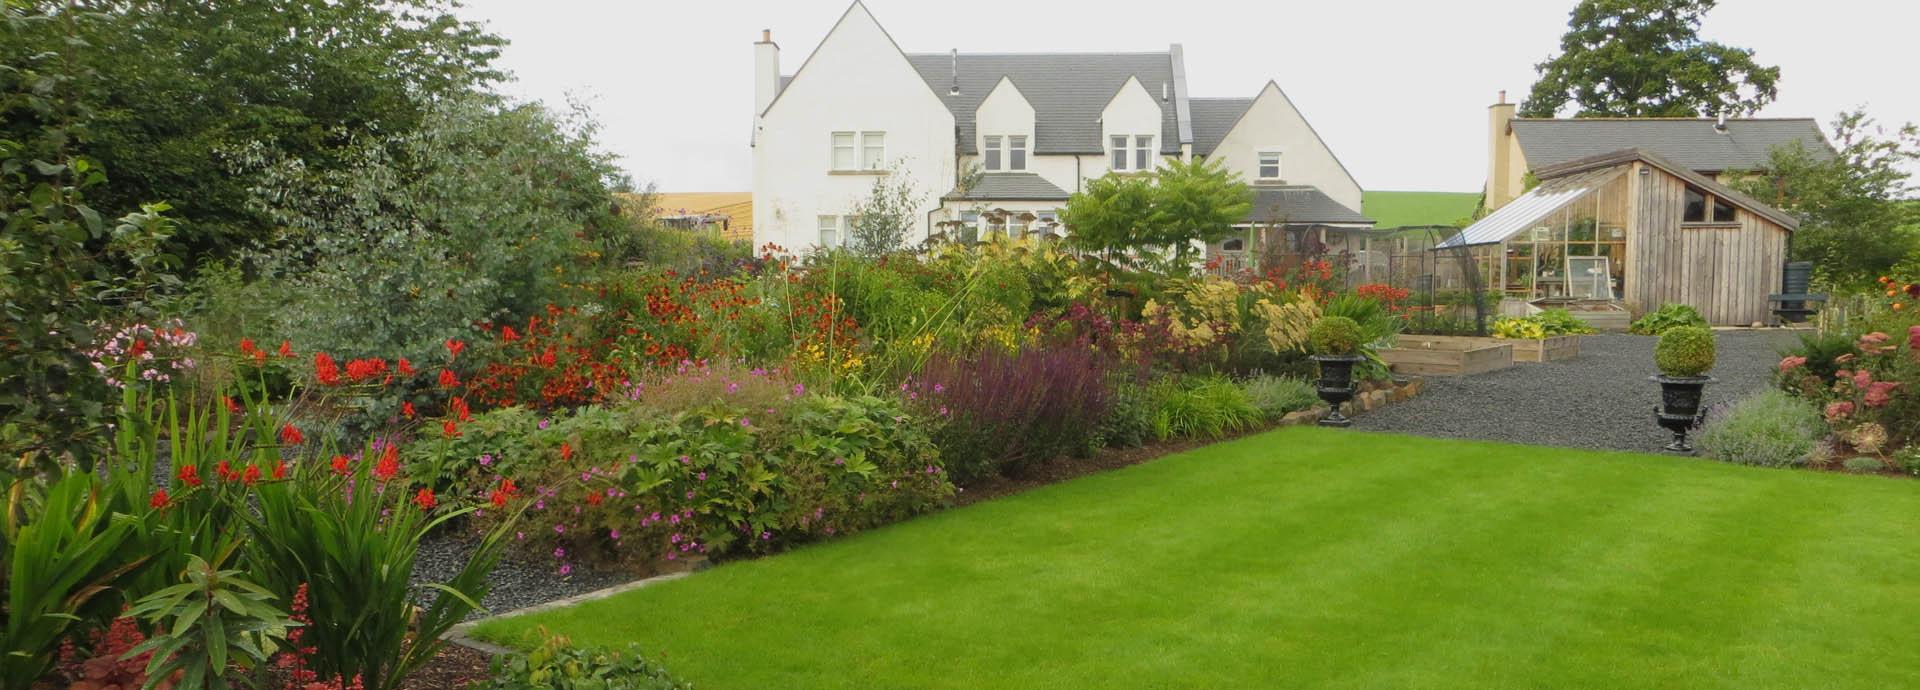 Douglas Dalgleish Garden Design An Arts And Crafts Garden